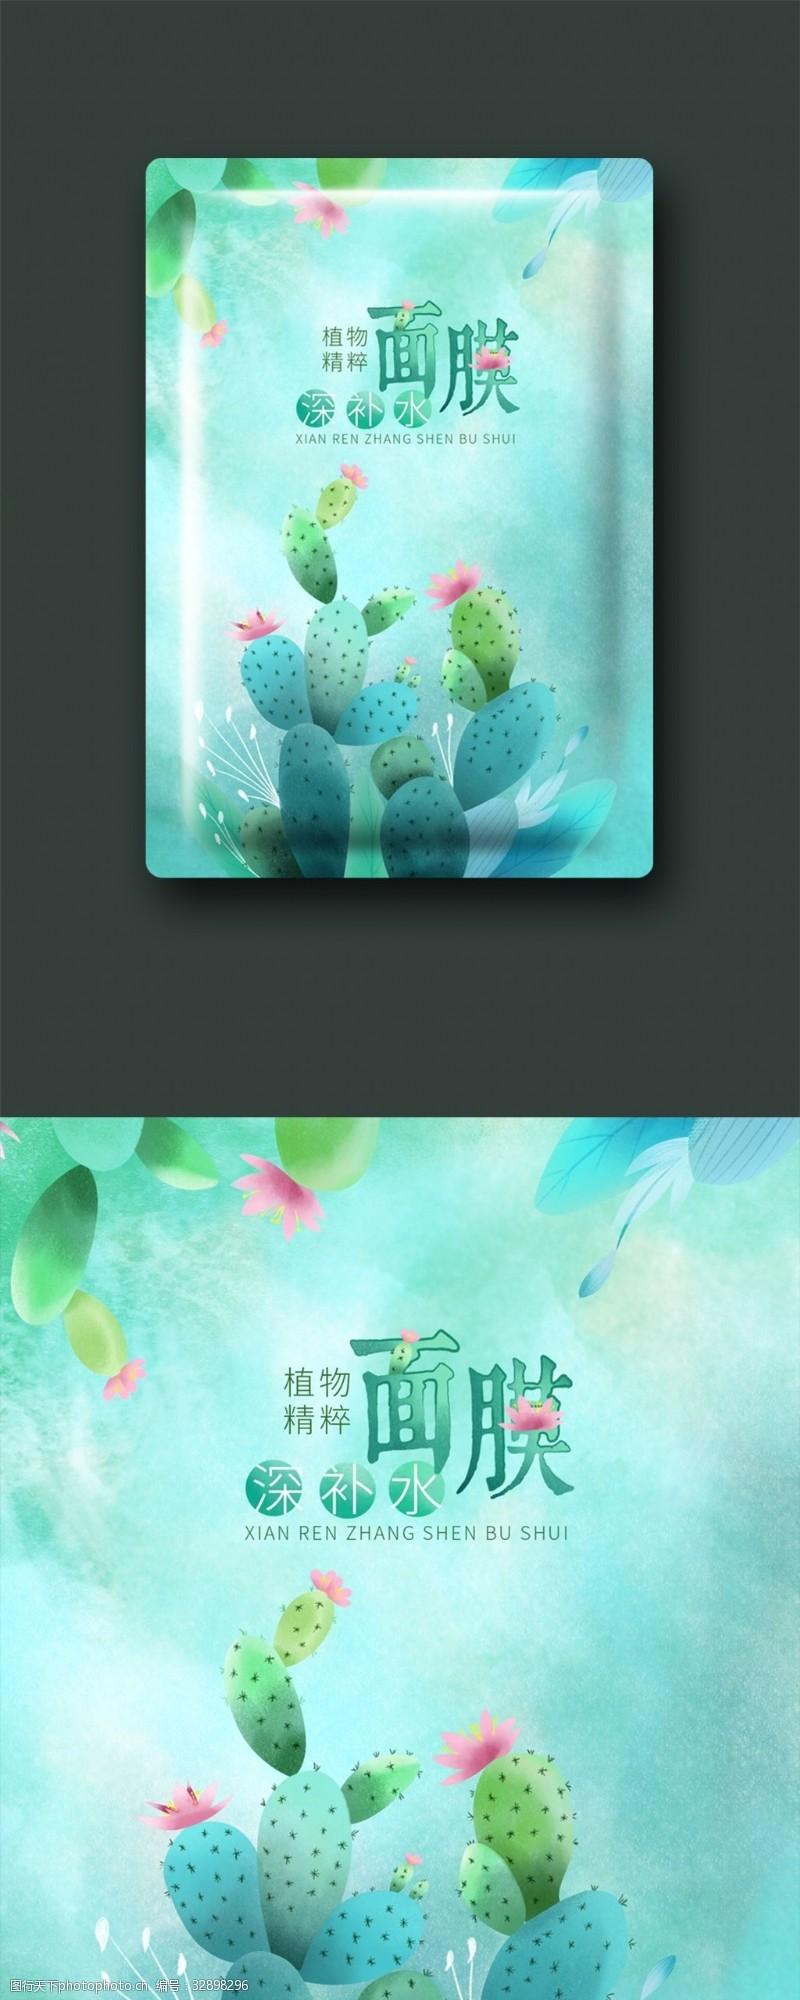 补水面膜美妆包装面膜包装植物系仙人掌